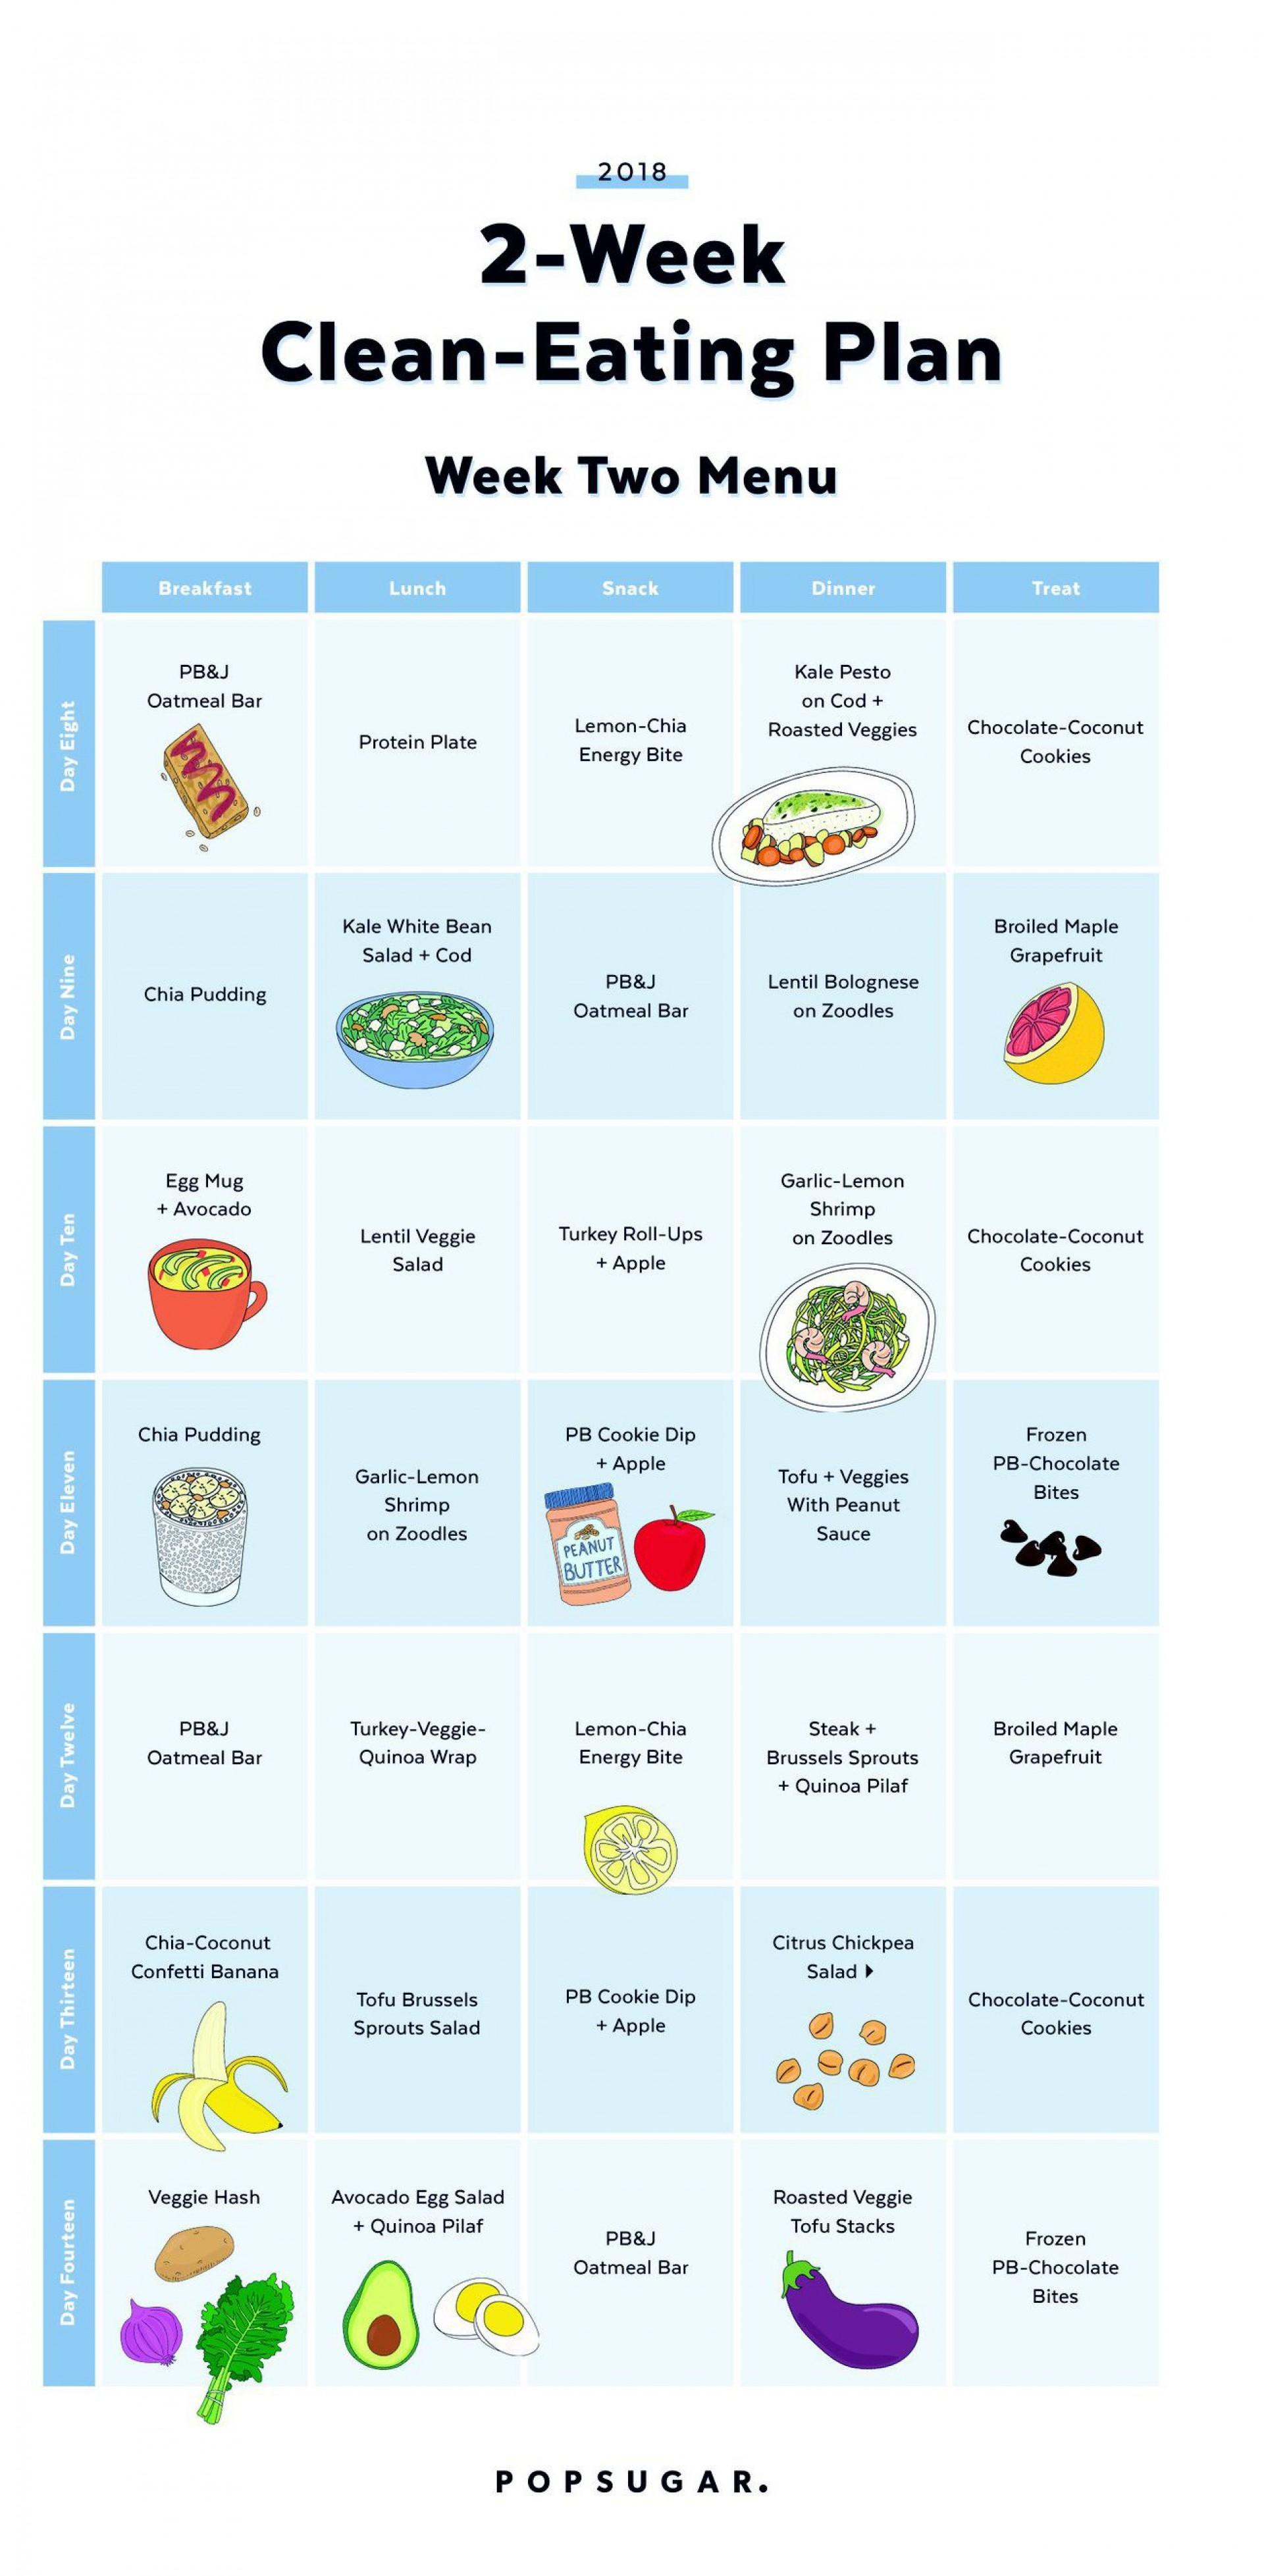 007 Wonderful 2 Week Meal Plan Printable Design 1920